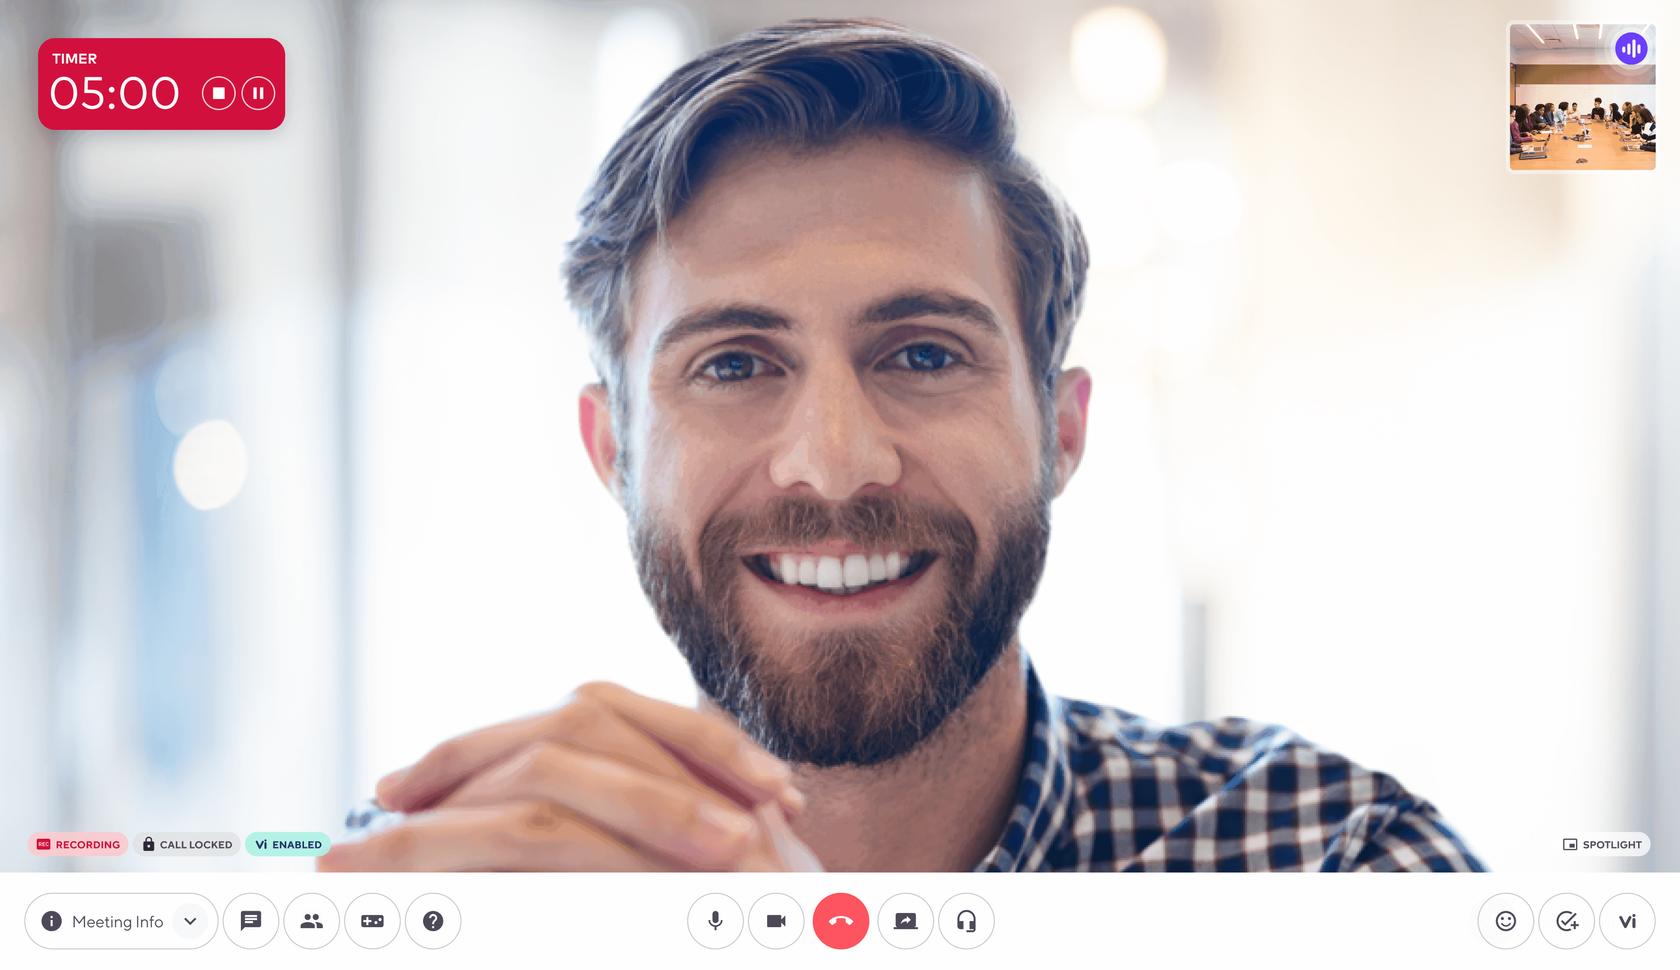 Meeting Timer in Dialpad Meetings